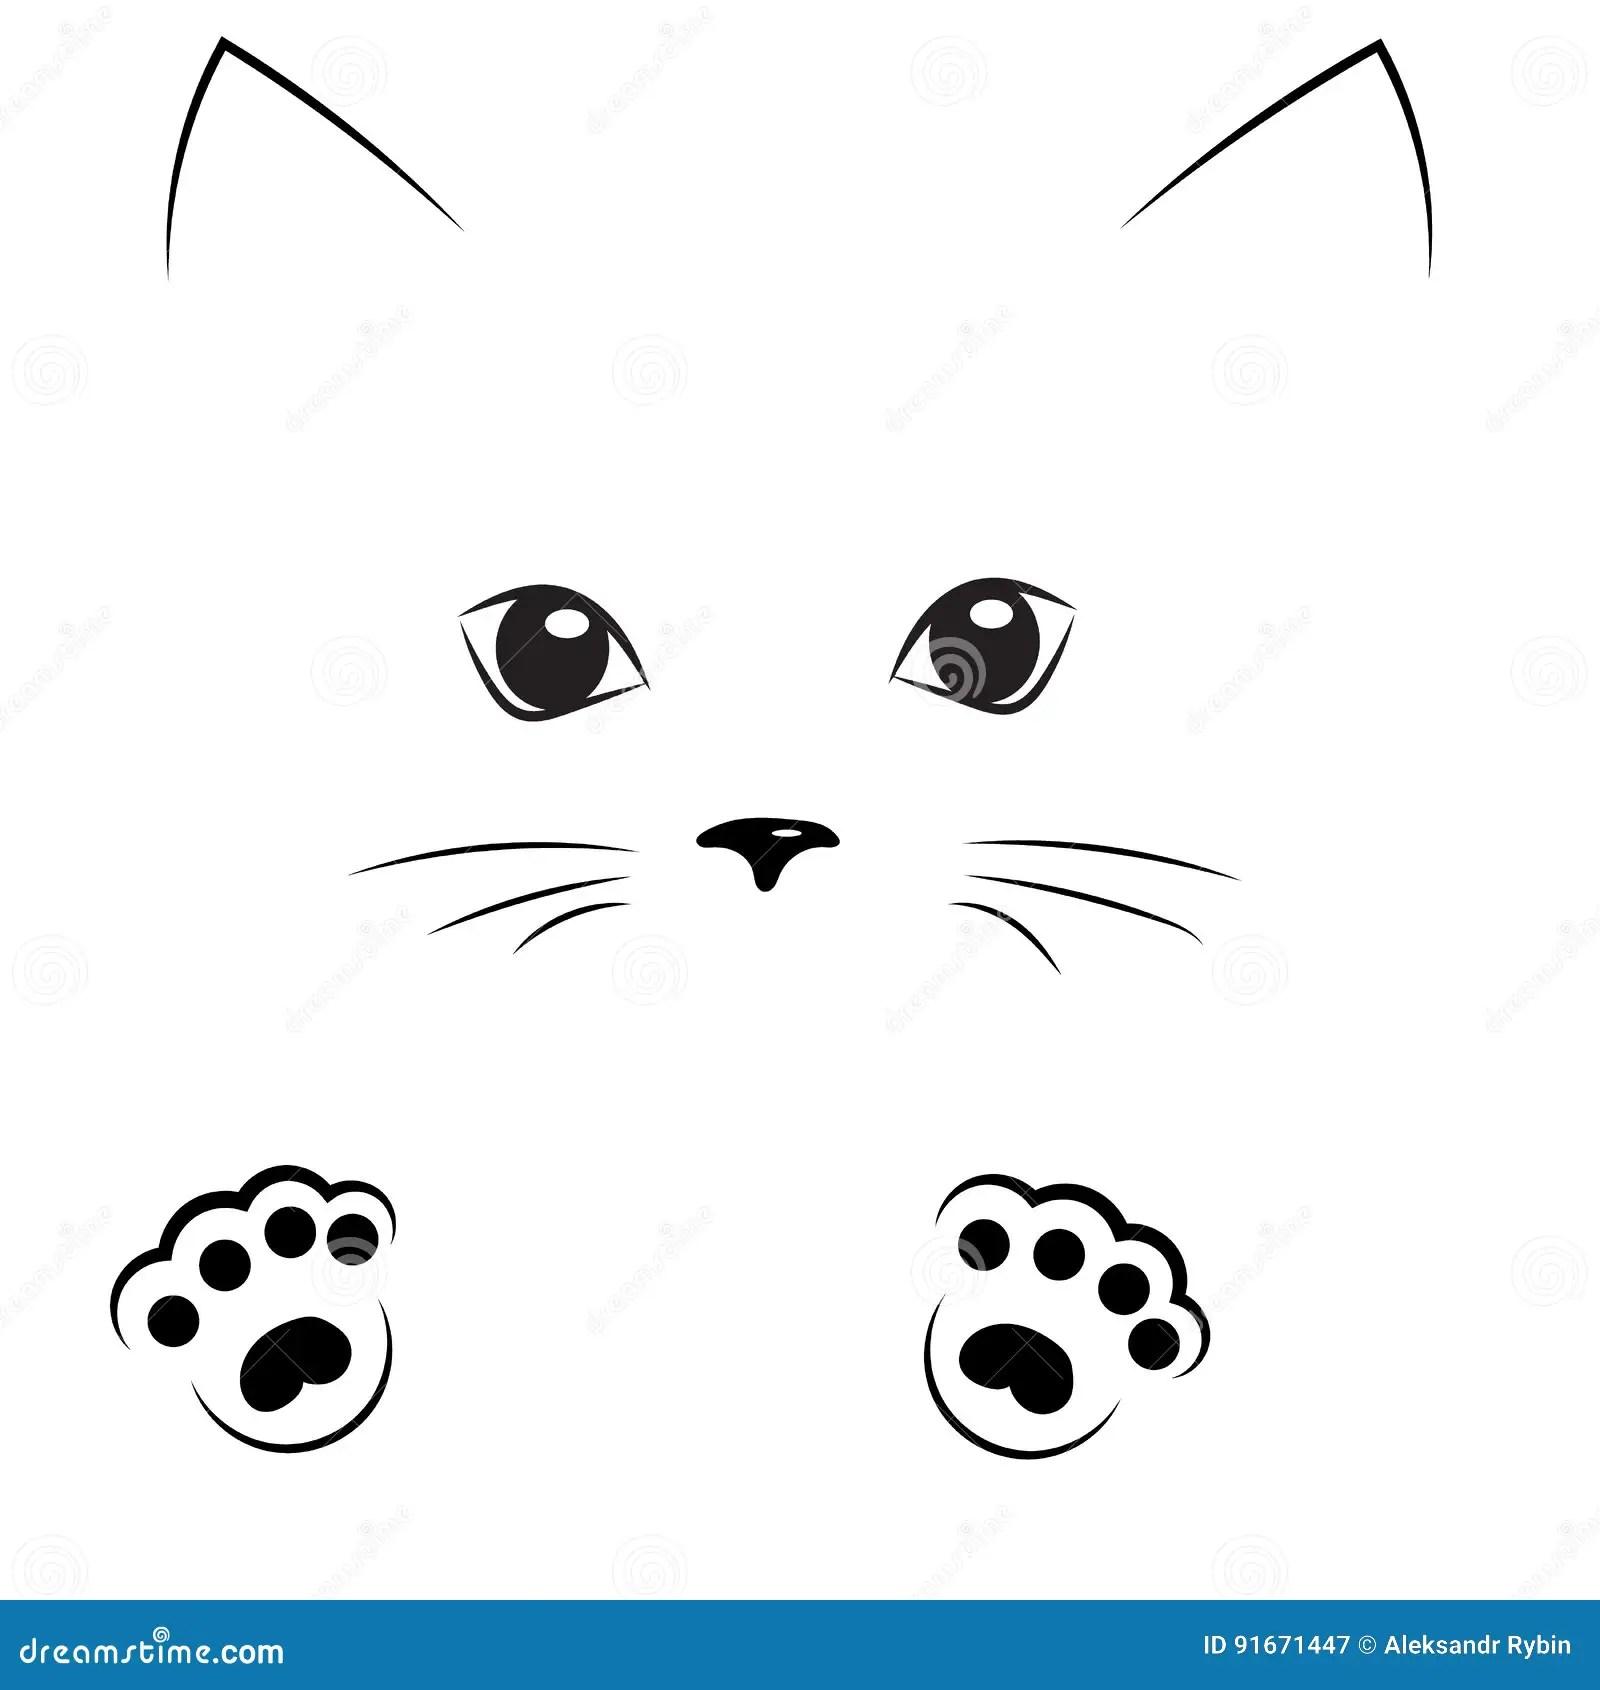 Cute Baby Tiger Wallpaper Cara Negra Del Gato Del Dibujo De Esquema Con Las Patas